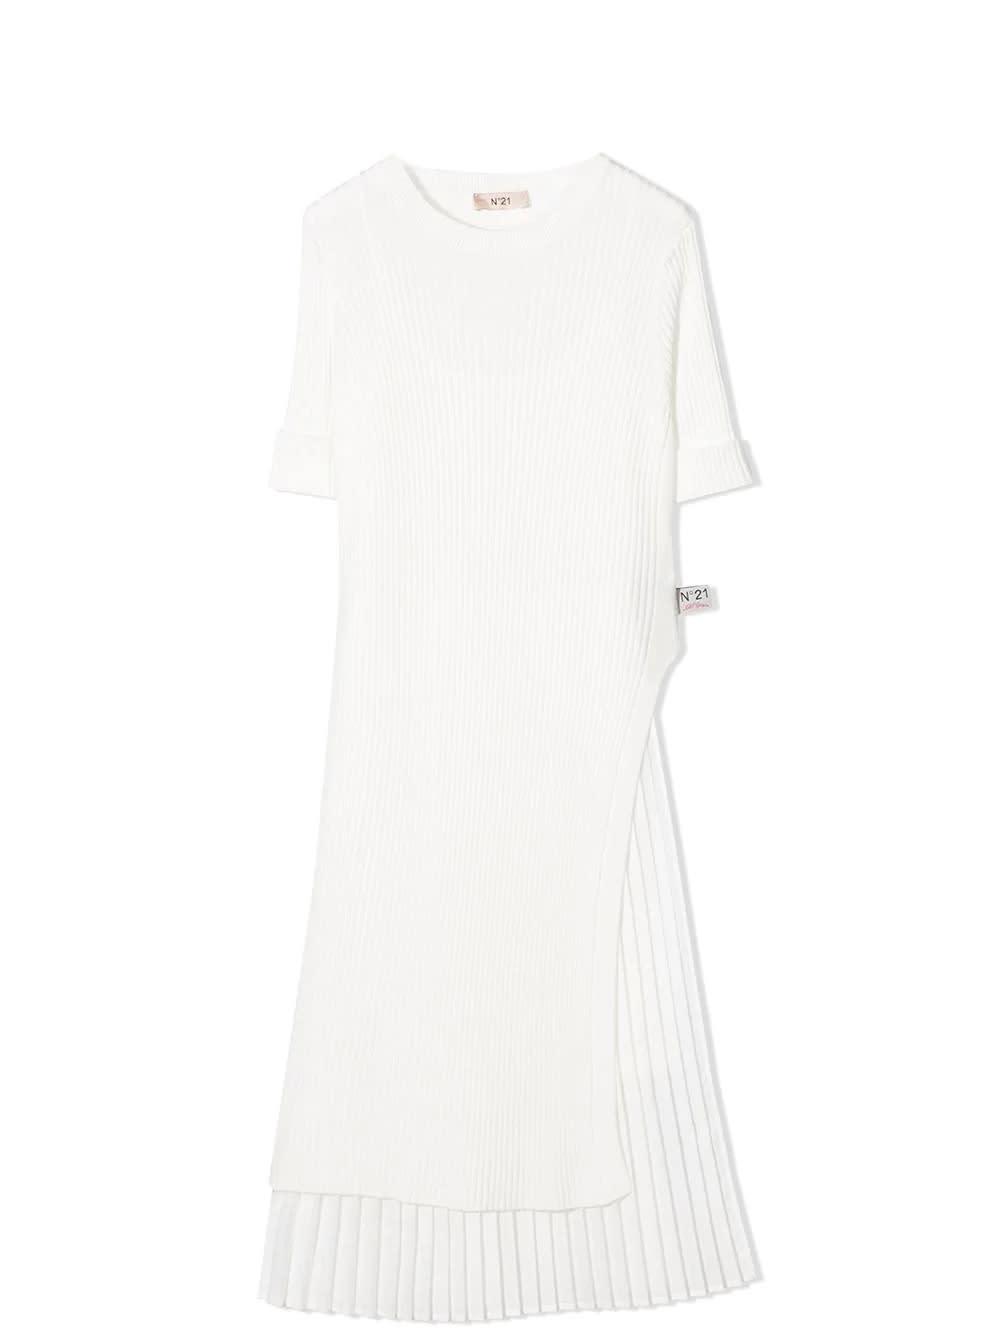 N.21 Asymmetric Dress